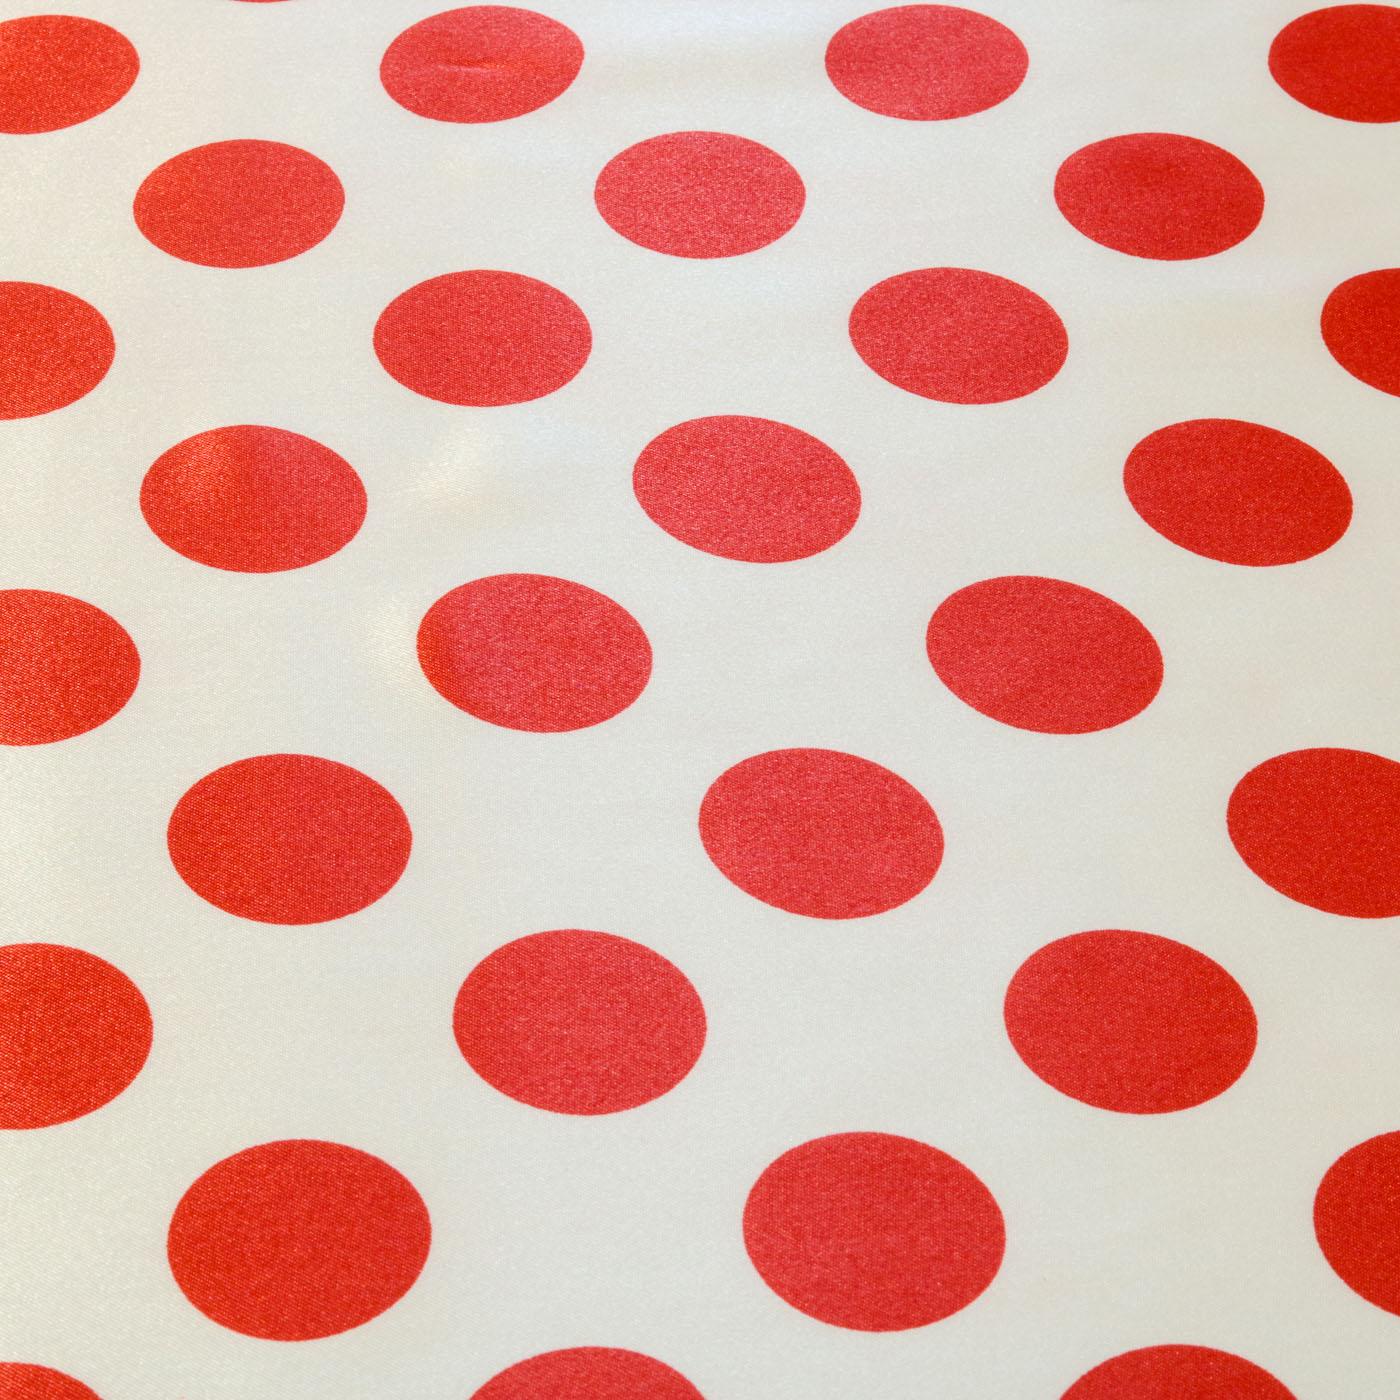 Tecido Cetim Estampado Poa 1,40m Largura Bola Vermelha